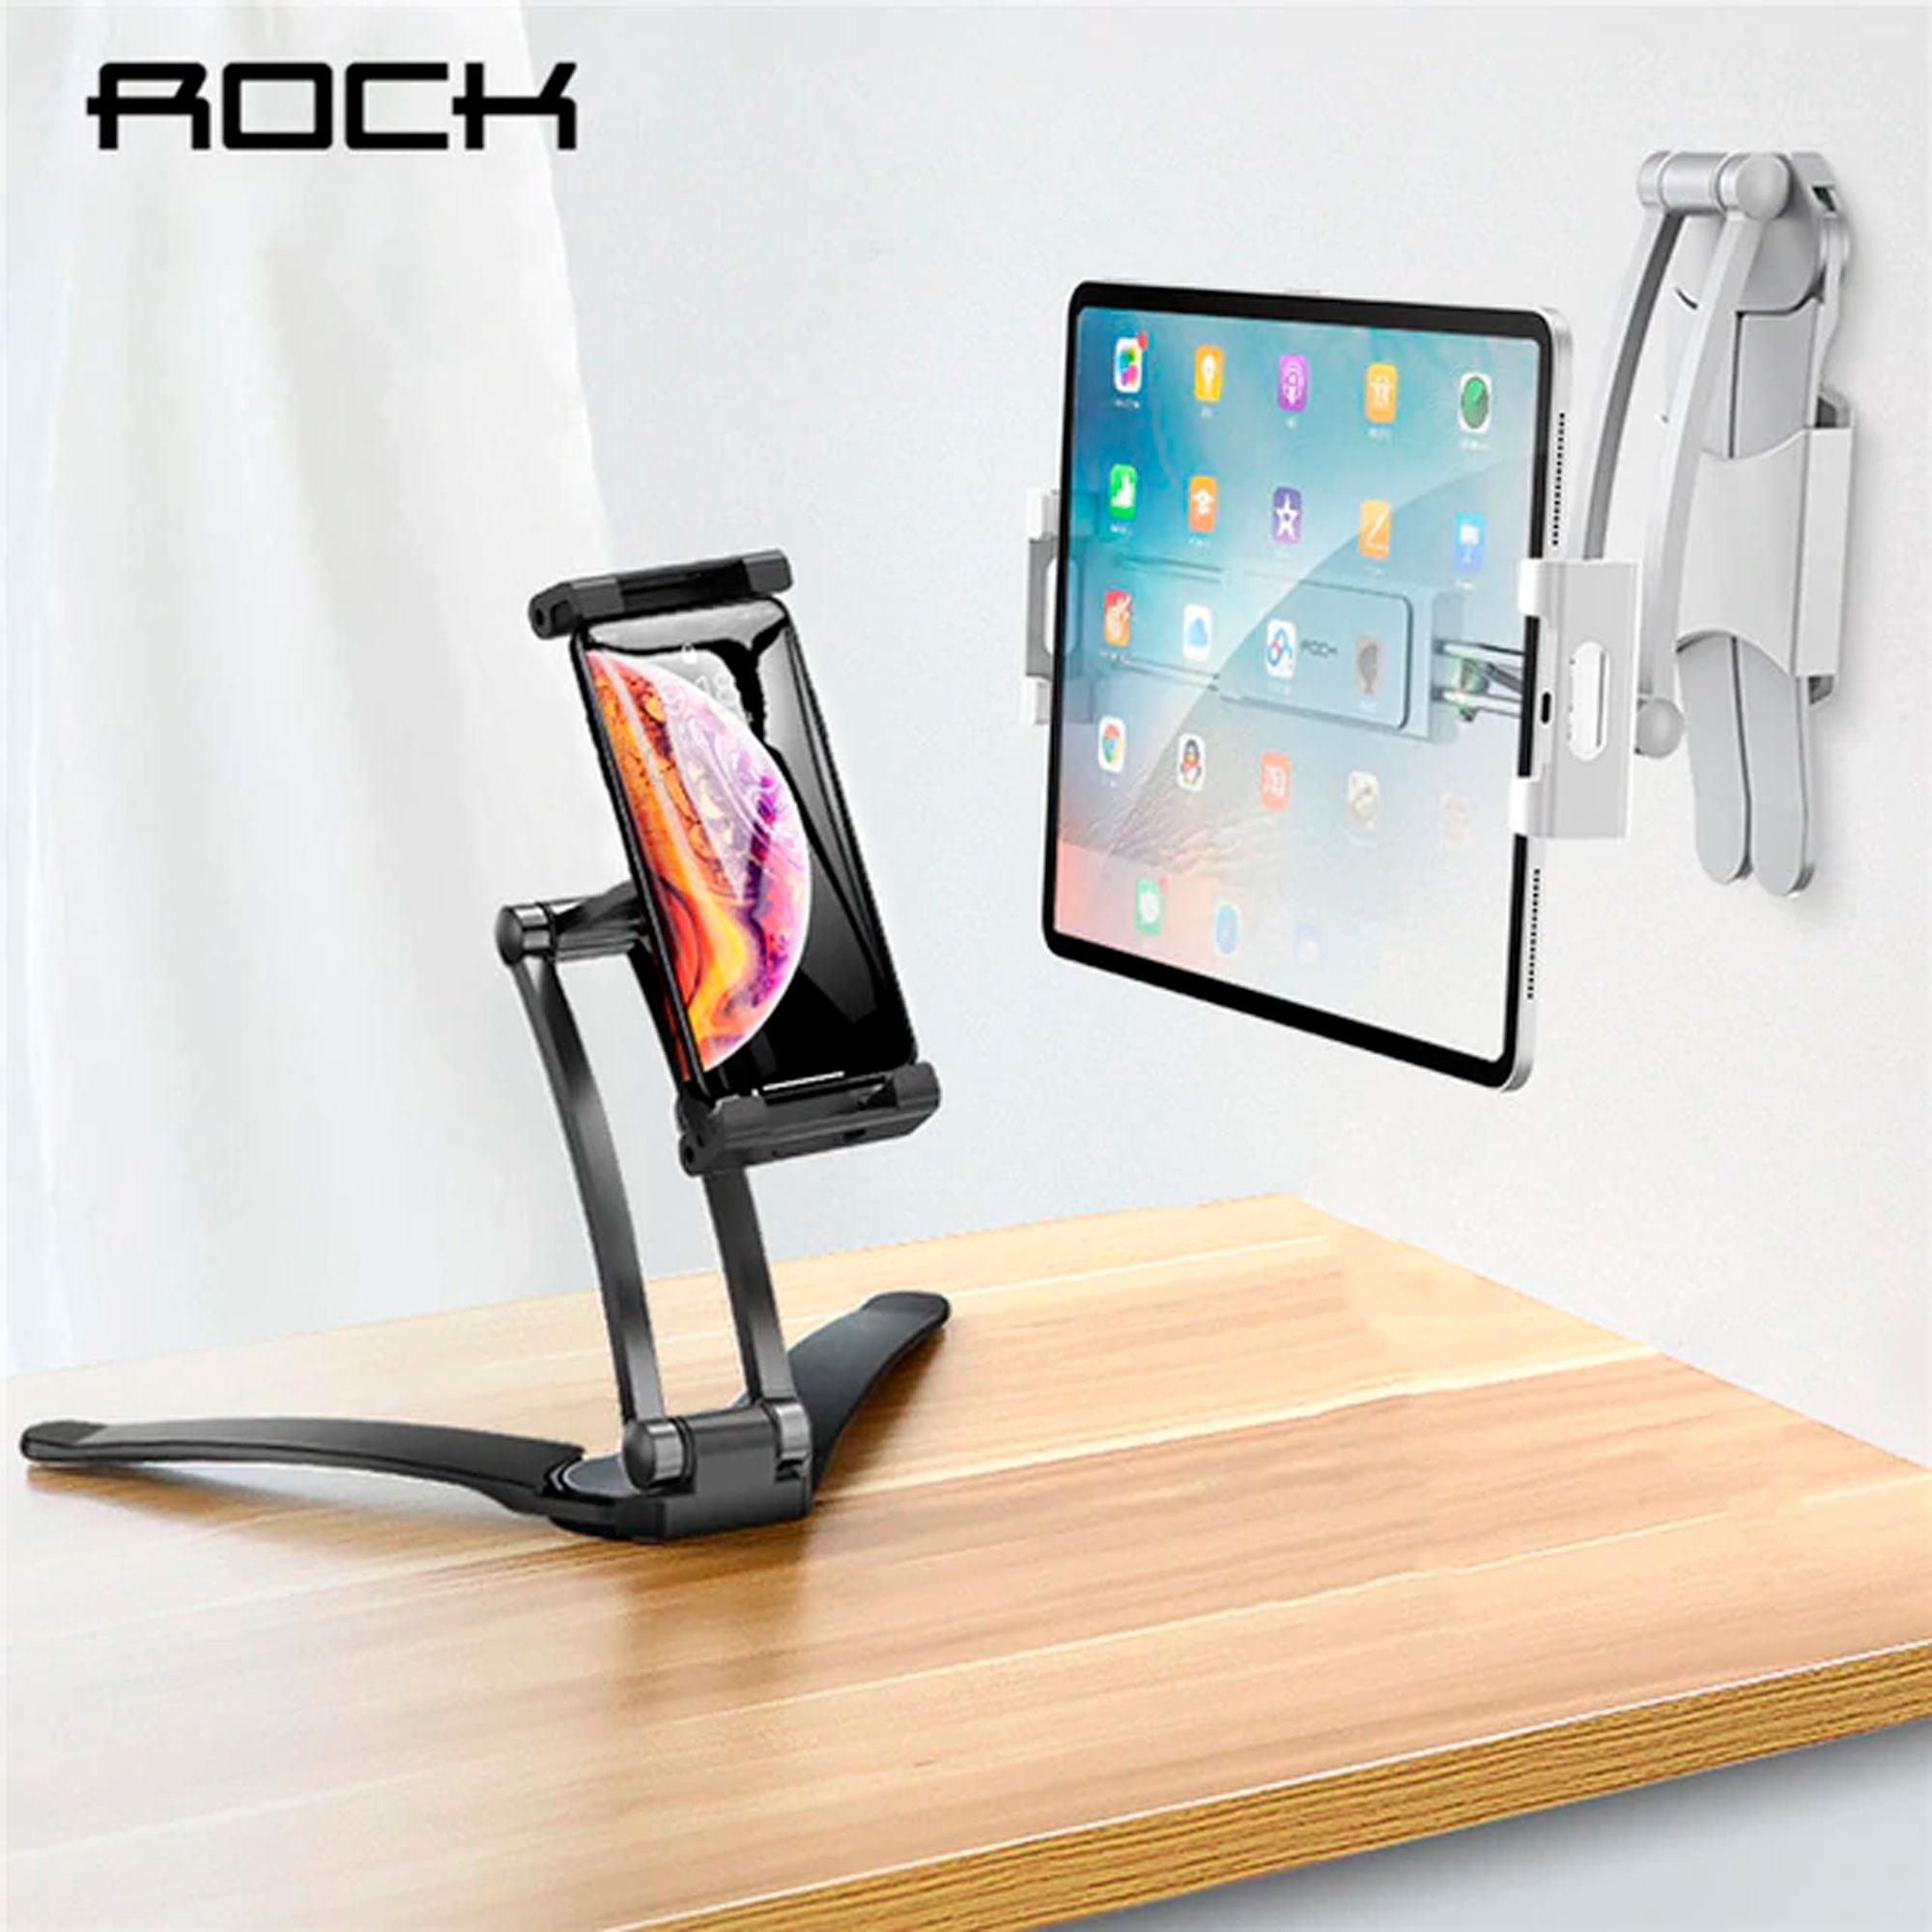 Suporte Base De Mesa E Parede Celular Tablet Ajustável Rock